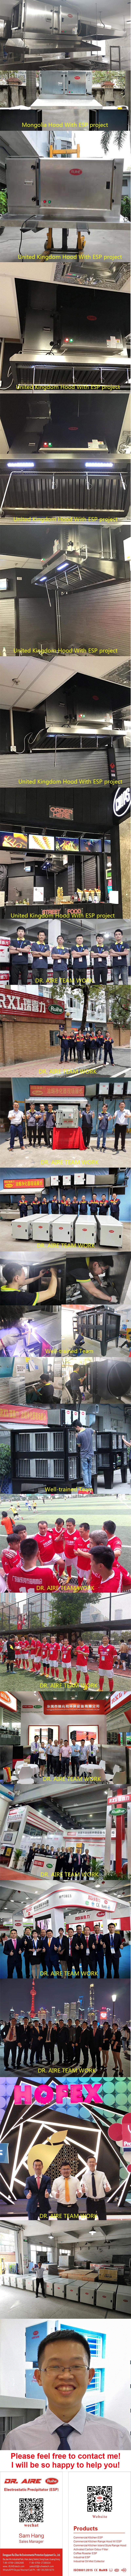 O dr. Aire Cozinha Comercial ESP Purificador De Ar Ultravioleta